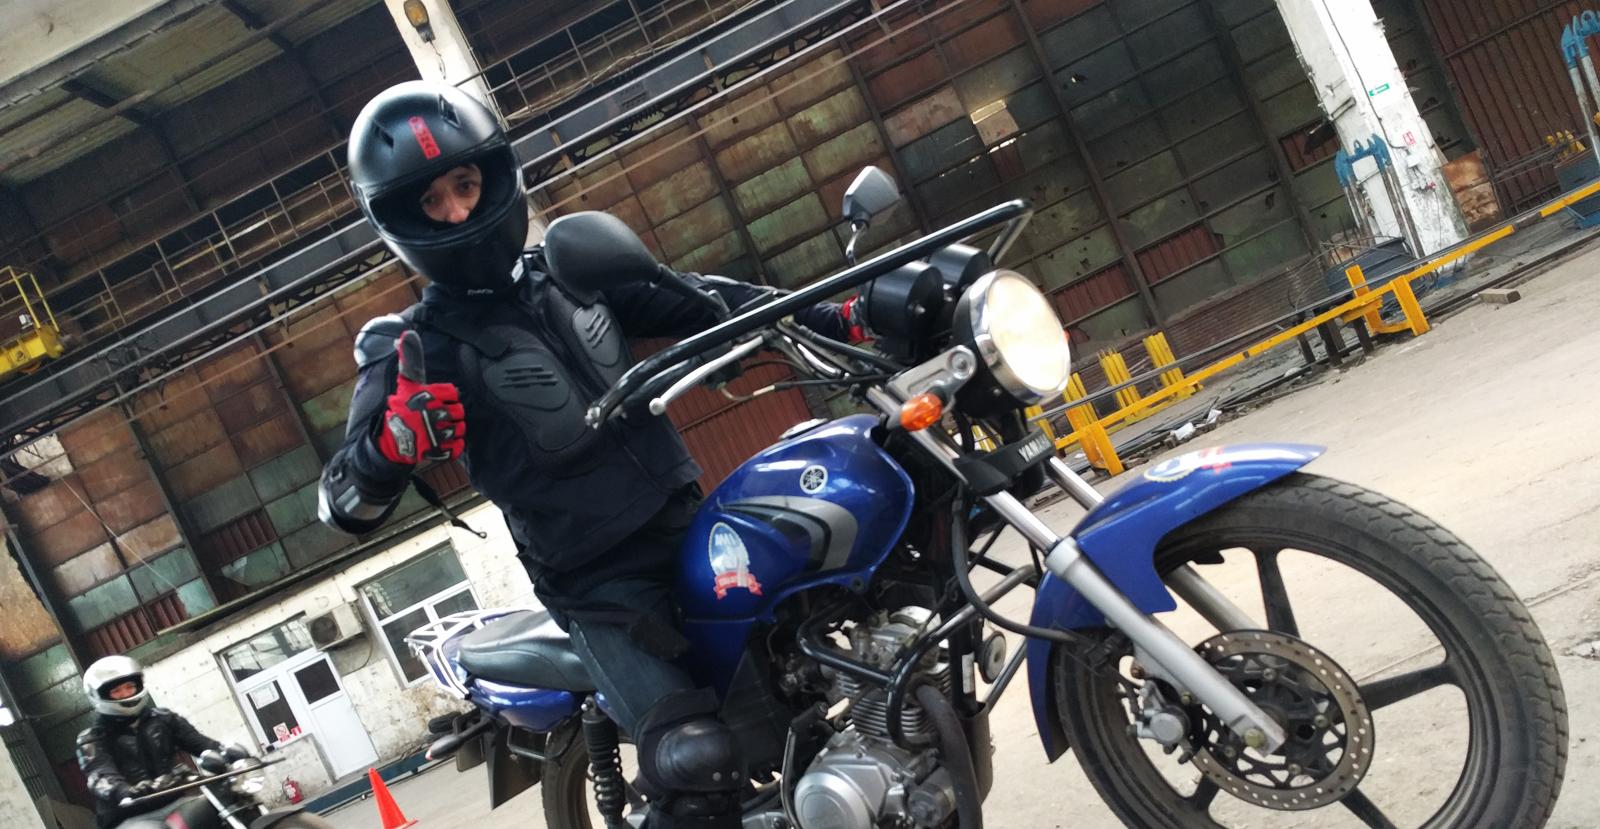 Prima experiență moto la Școala Moto Ami, București